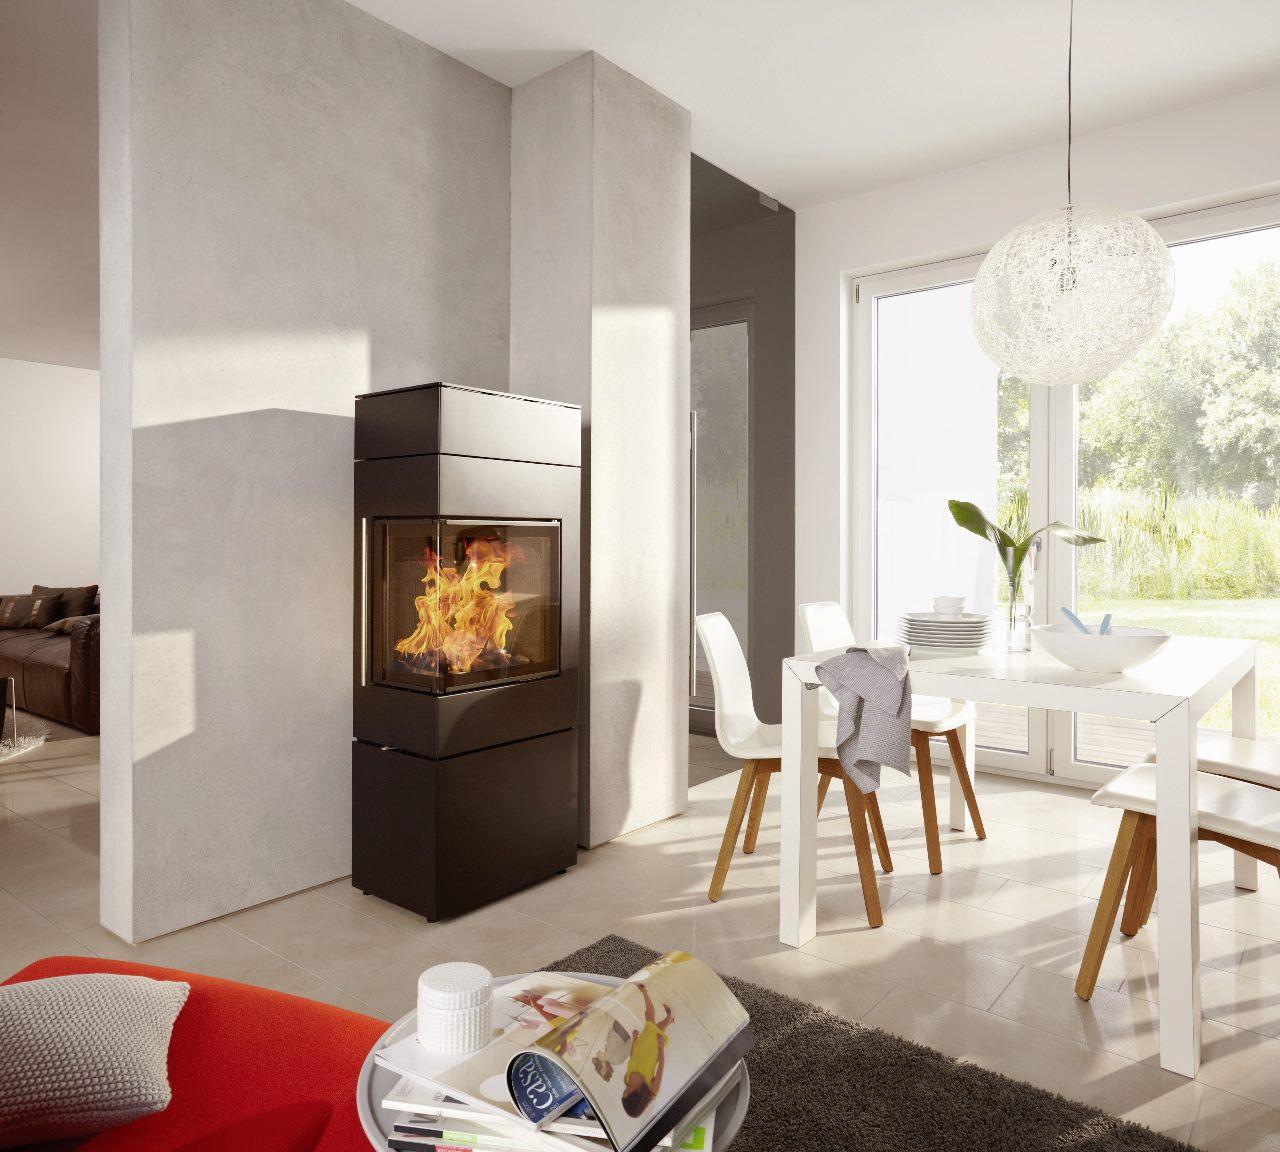 leistungen planung und bau von kamin fen gammer kachelofenbau wangen im allg u. Black Bedroom Furniture Sets. Home Design Ideas